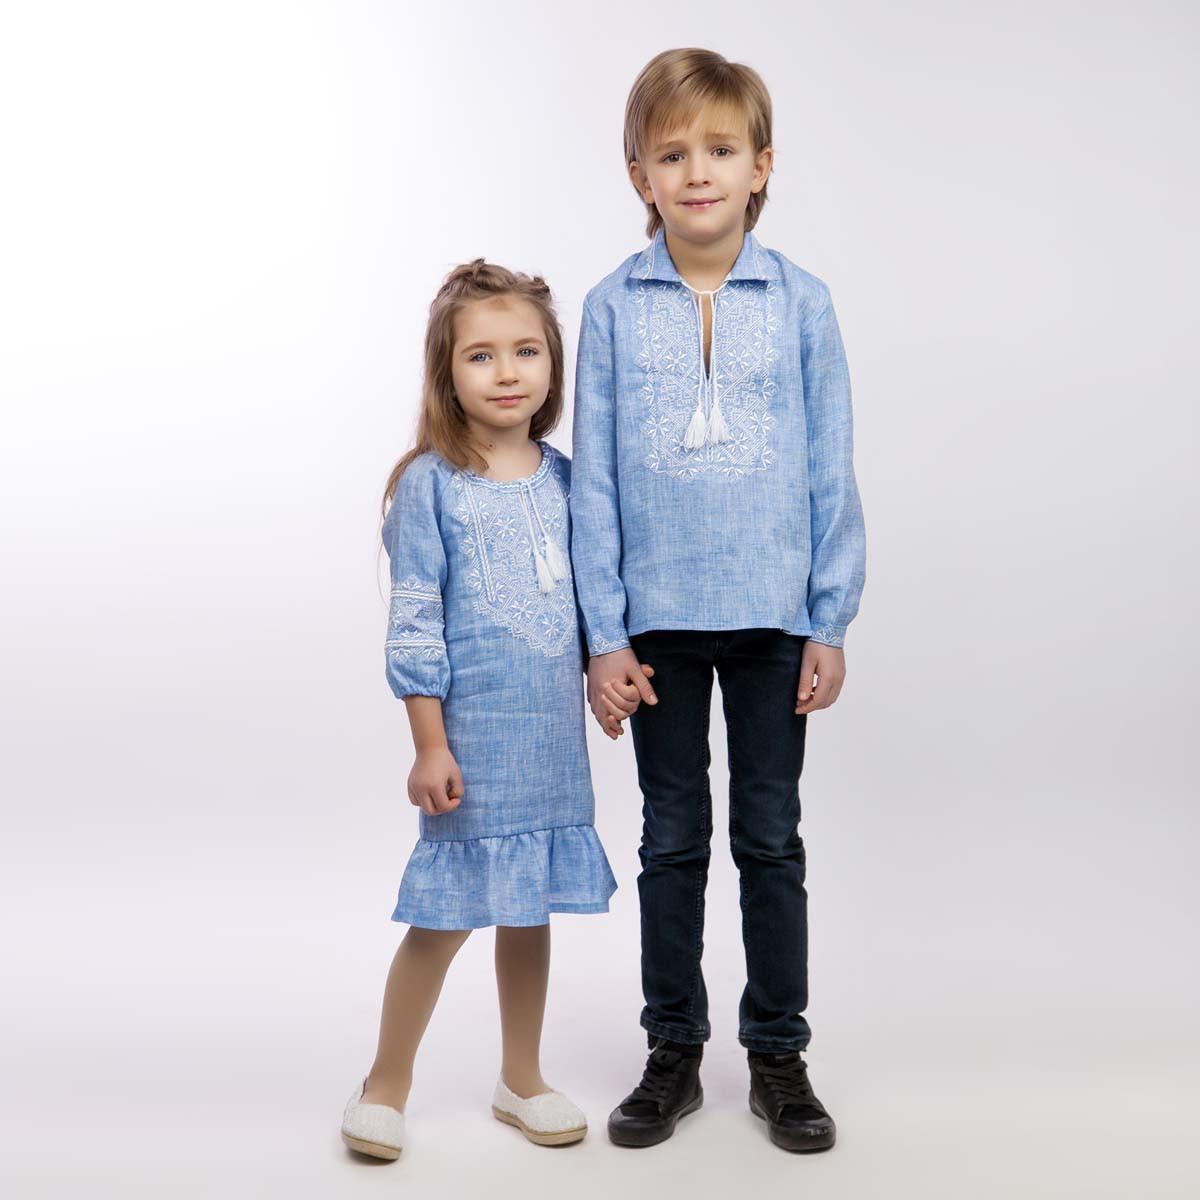 Детская вышиванка для мальчика, лен джинс, длинный рукав - фото 3